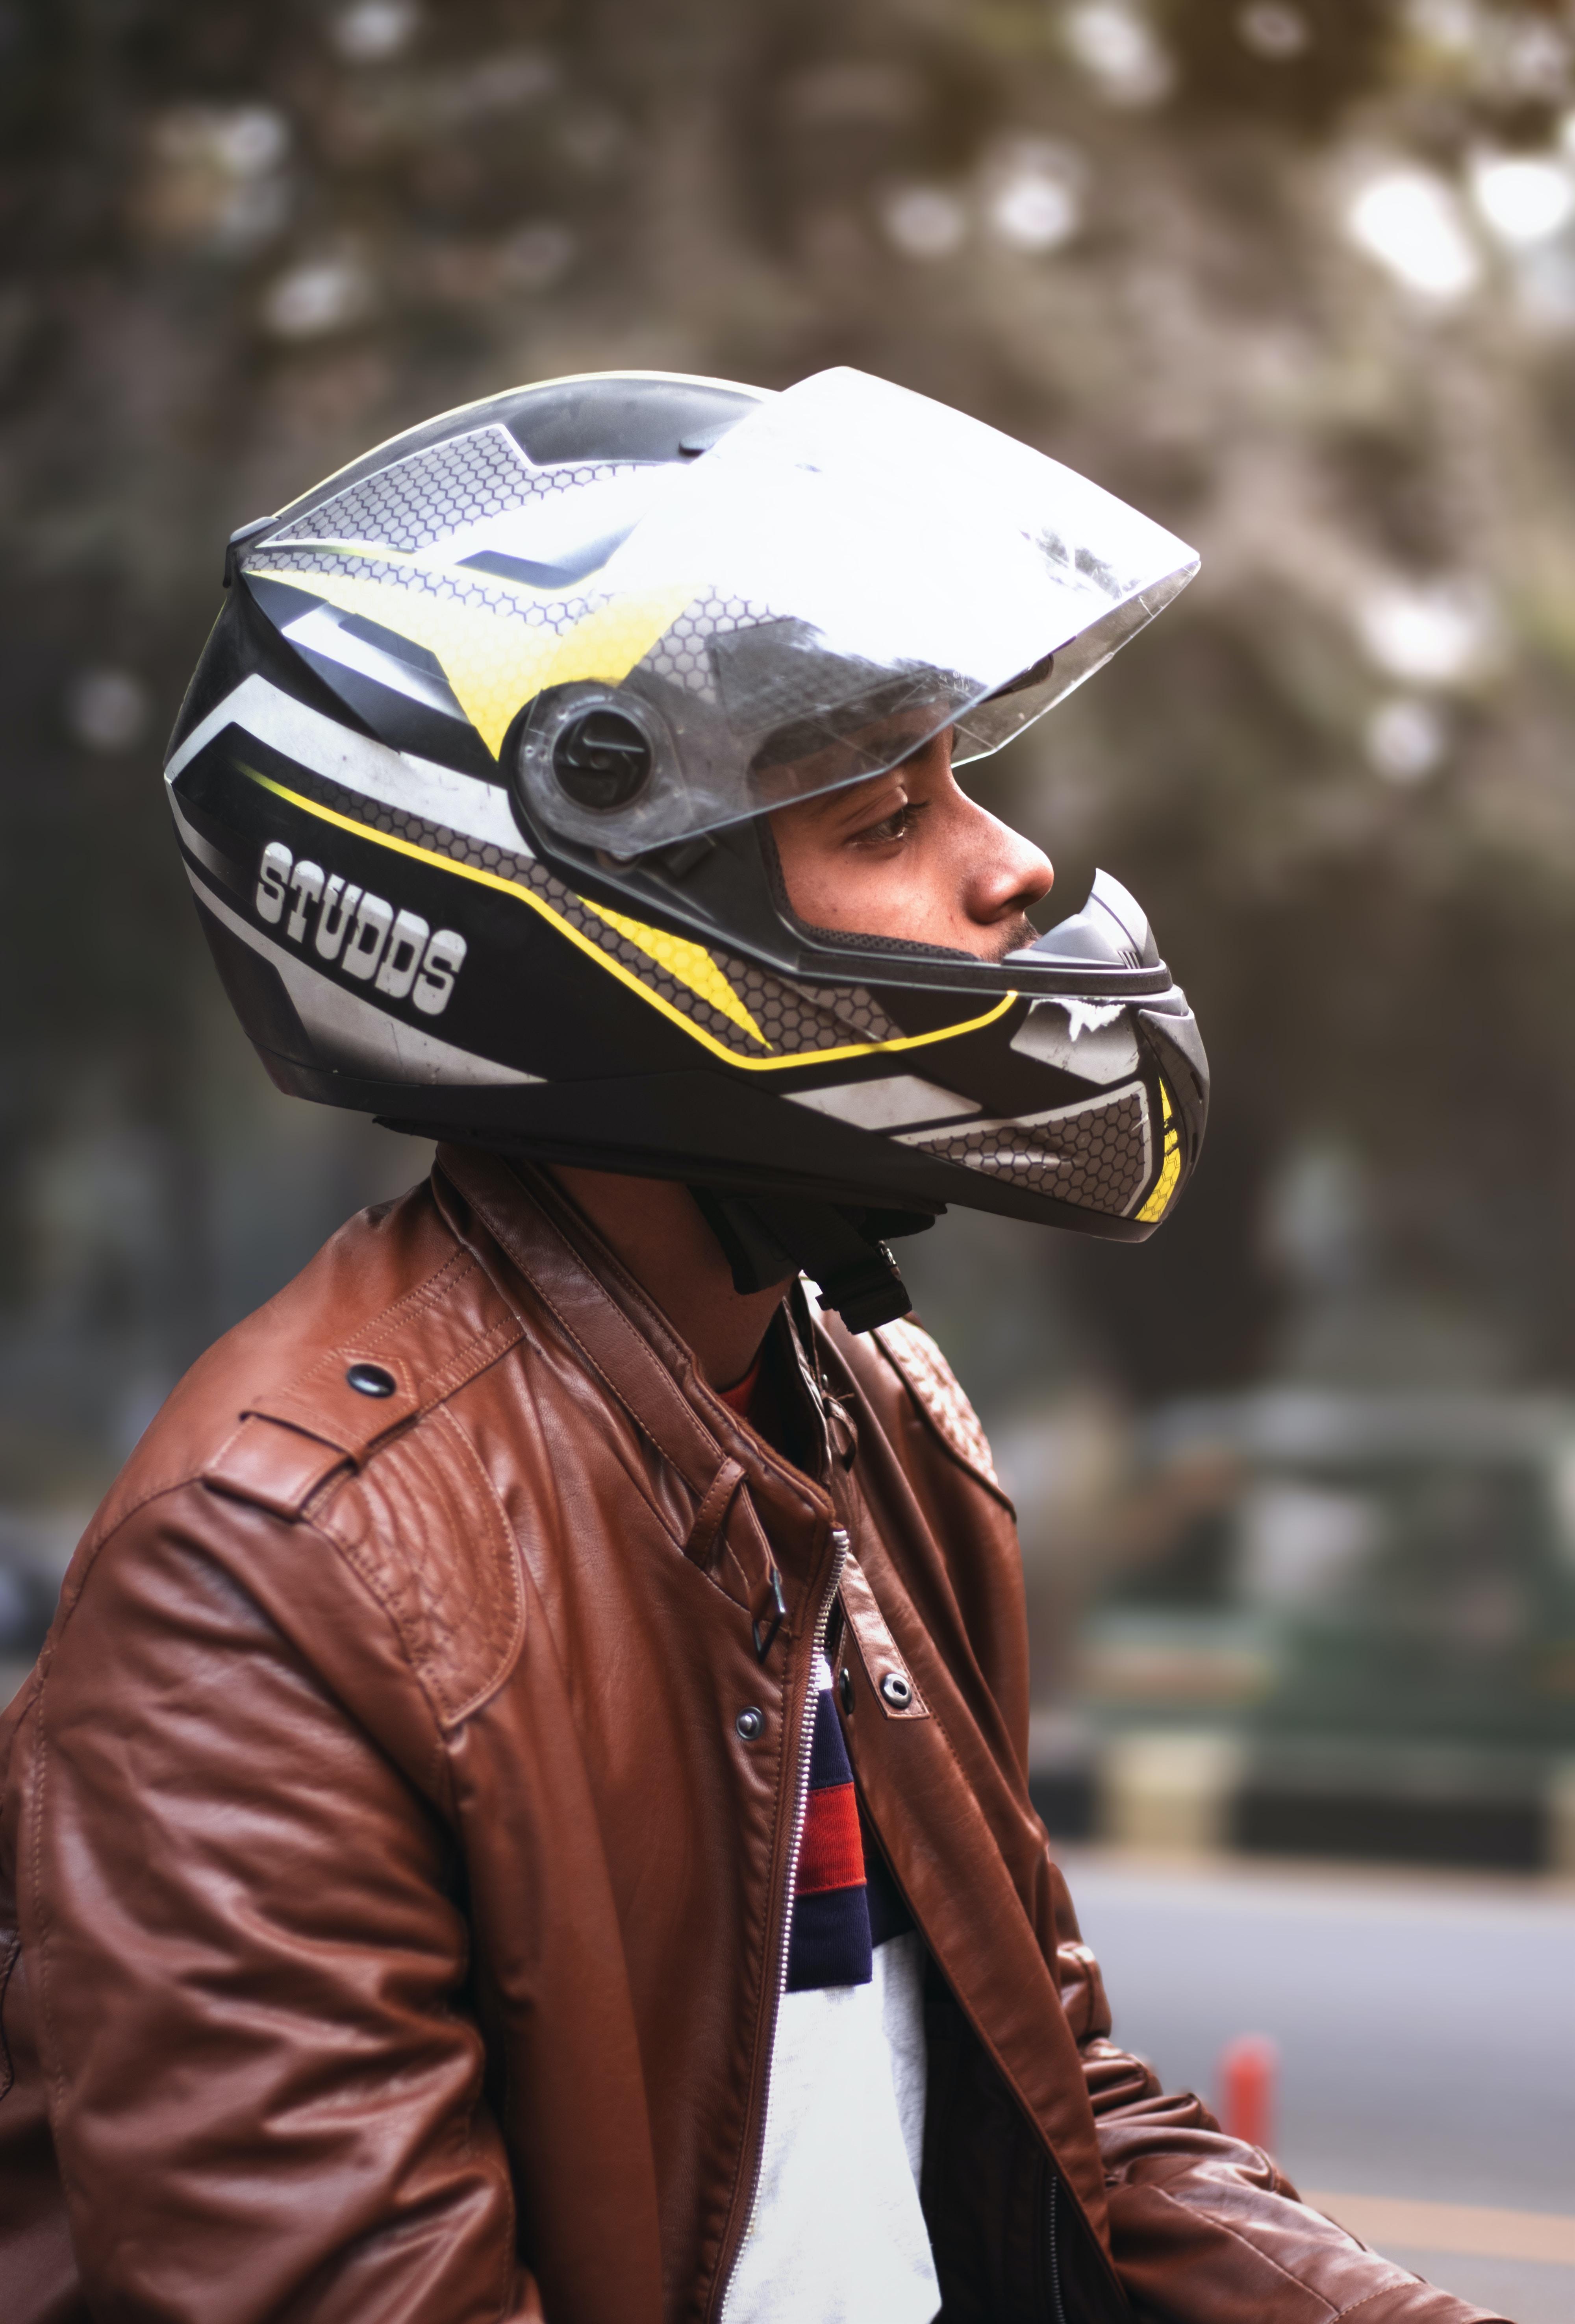 man wearing brown zip-up jacket and black full-face helmet